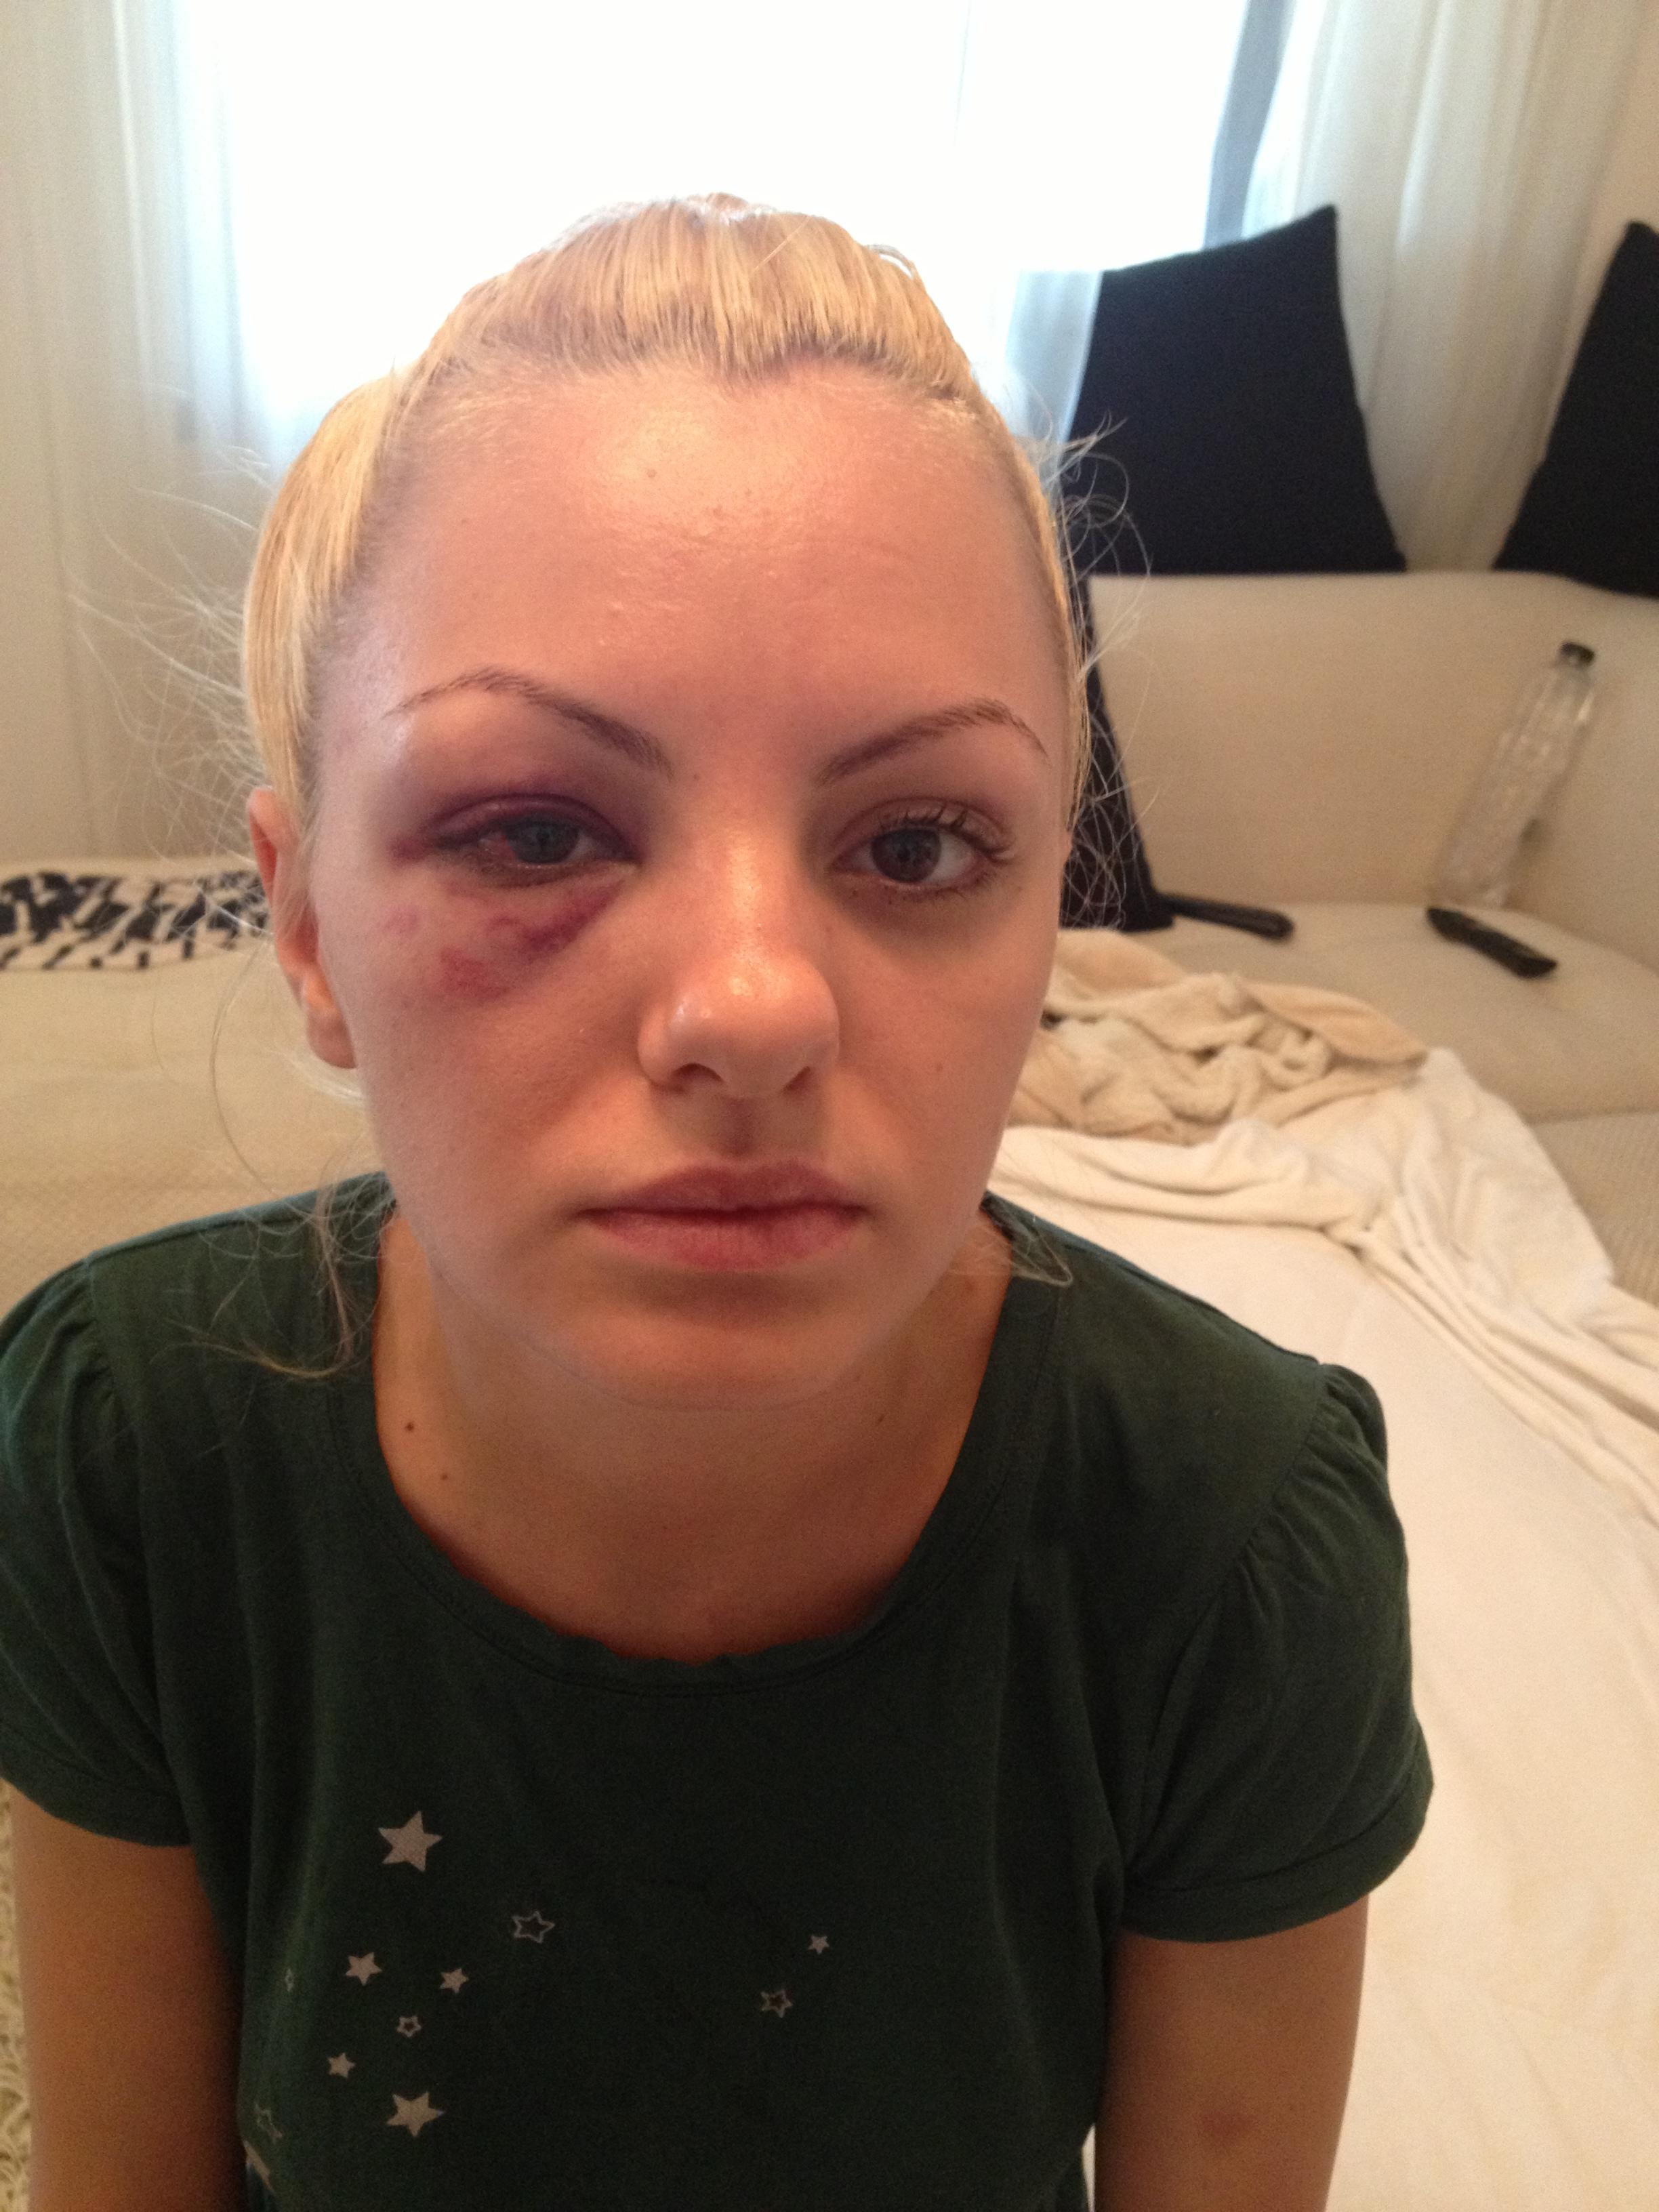 Alexandra Stan a fost batuta de manager, iar acum se afla in plin proces cu el